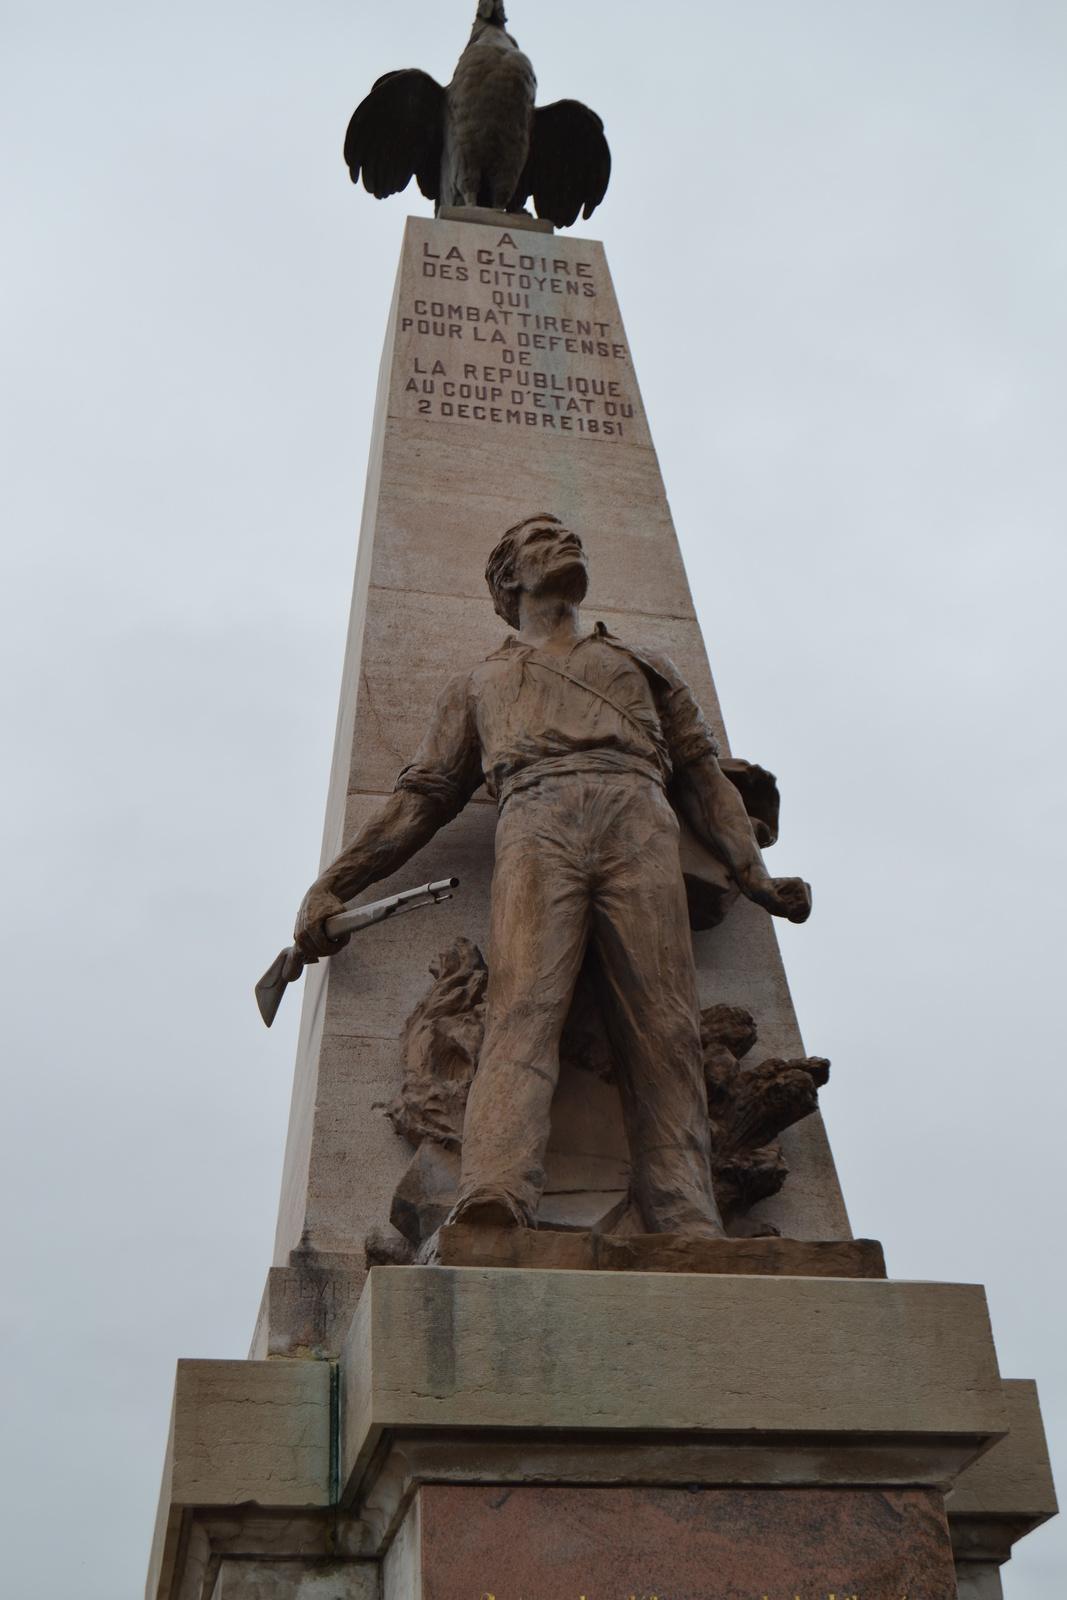 """""""A la gloire des citoyens qui combattirent pour la défense de la République au coup d'état du 2 Décembre 1851."""